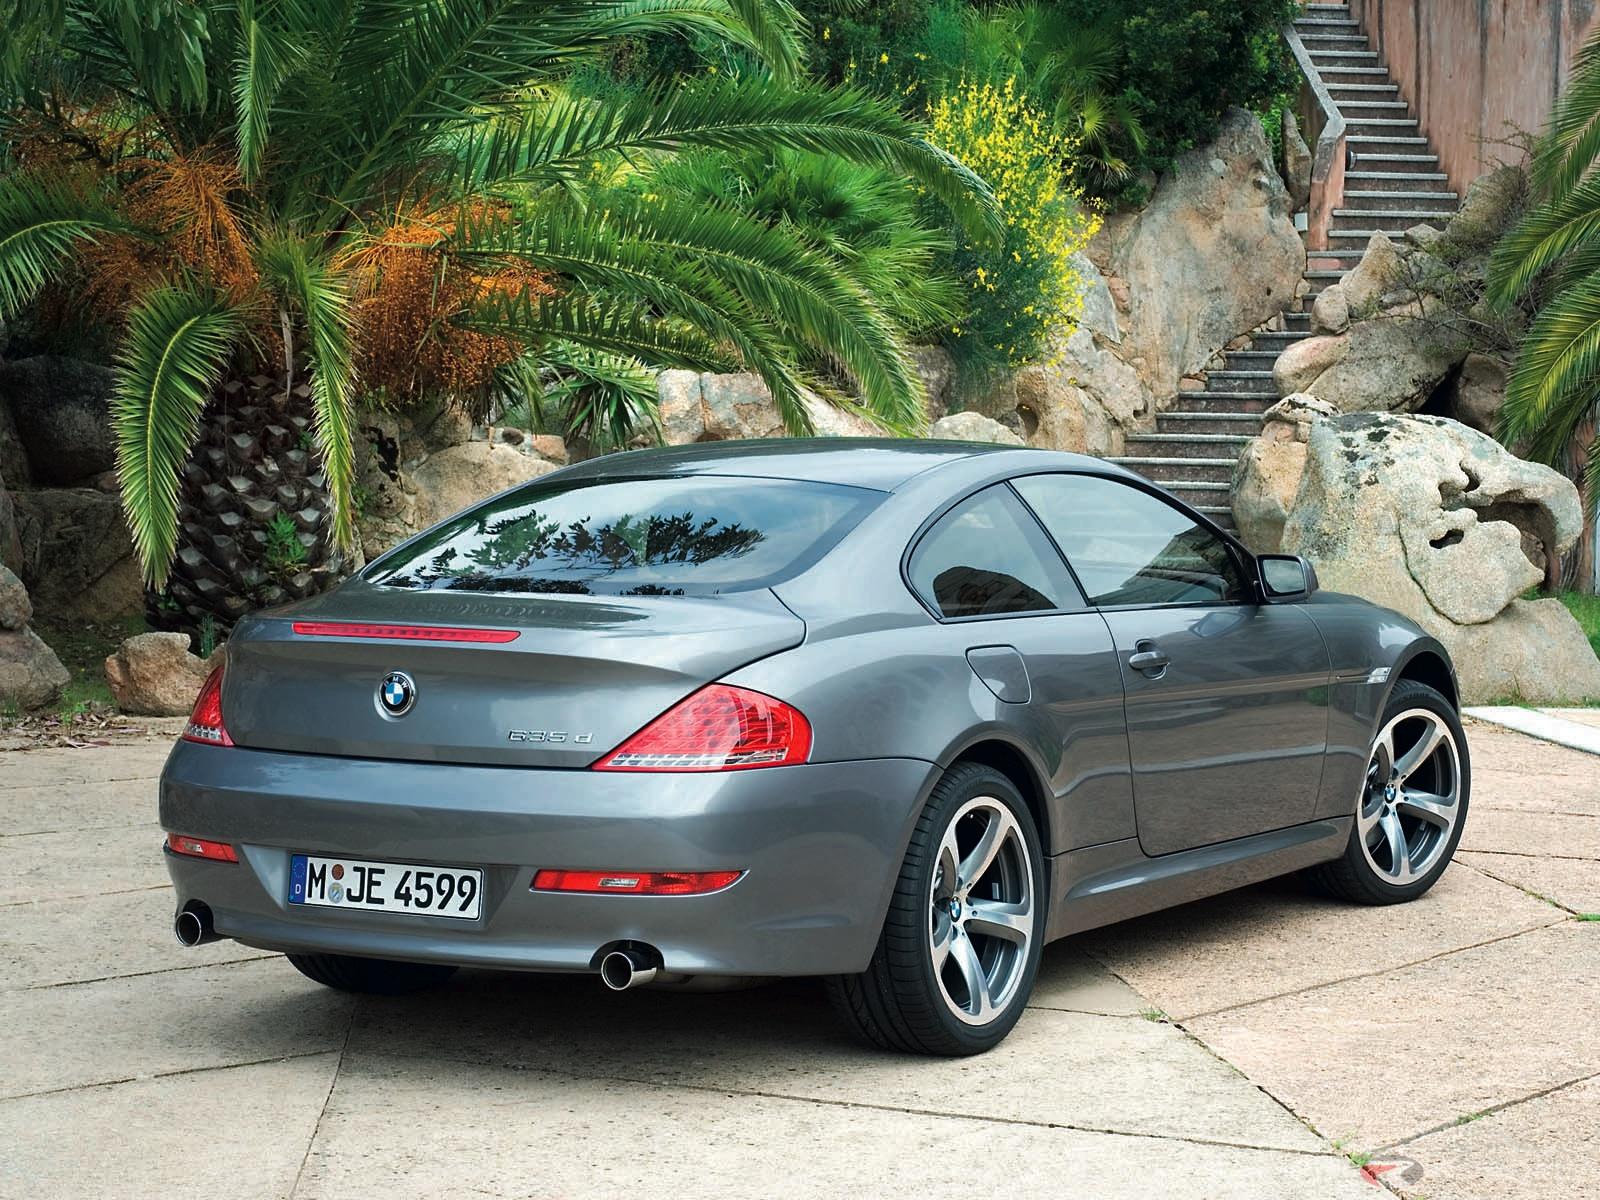 http://2.bp.blogspot.com/-lL4Tkd6Ntxk/TpKx6QBUuMI/AAAAAAAAC1A/Os8O4xTN4-w/s1600/BMW-650i+%25281%2529.jpg